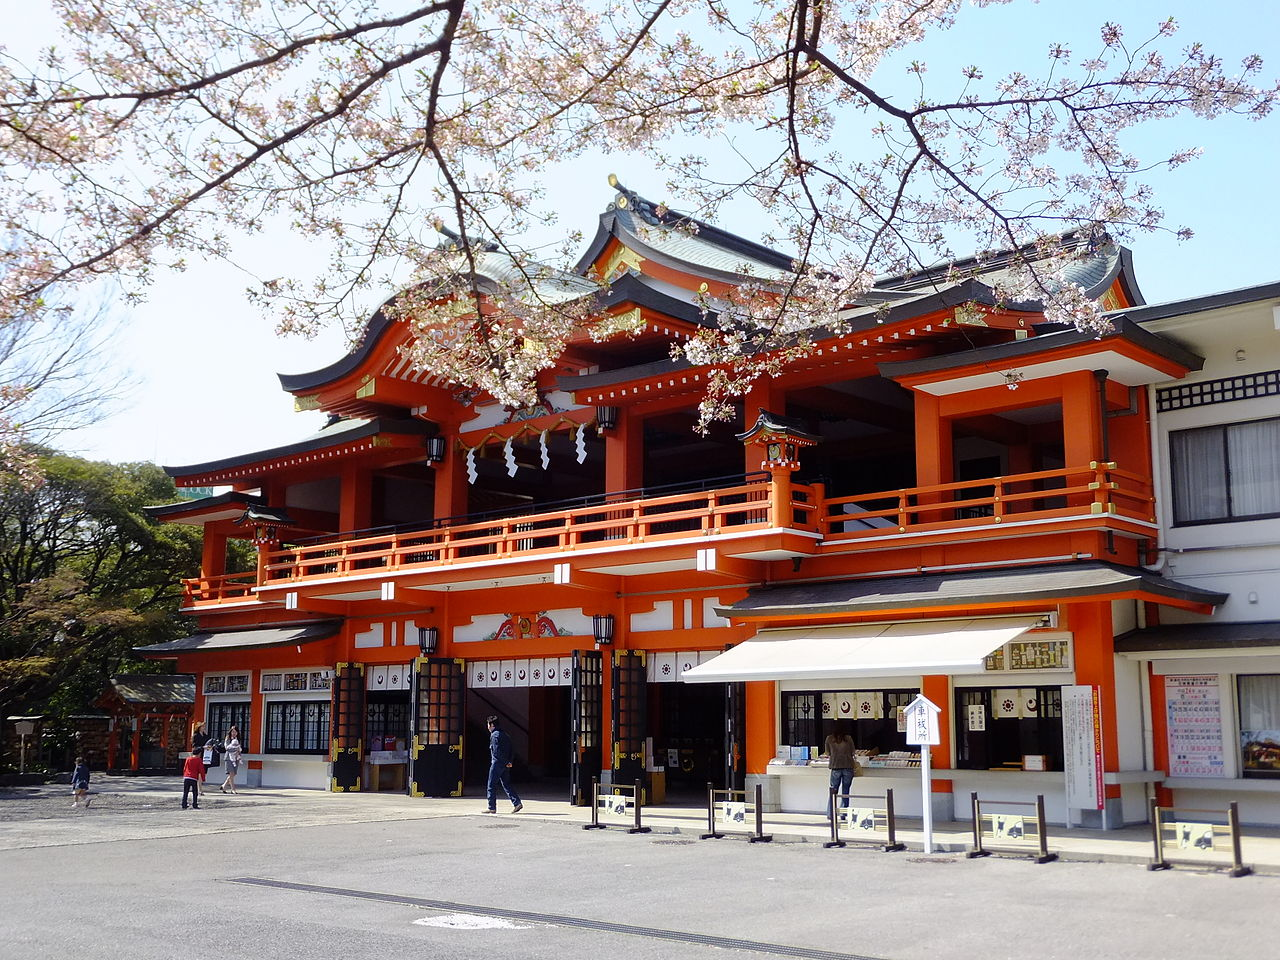 [千葉県]初詣で人気の神社のキャプチャー